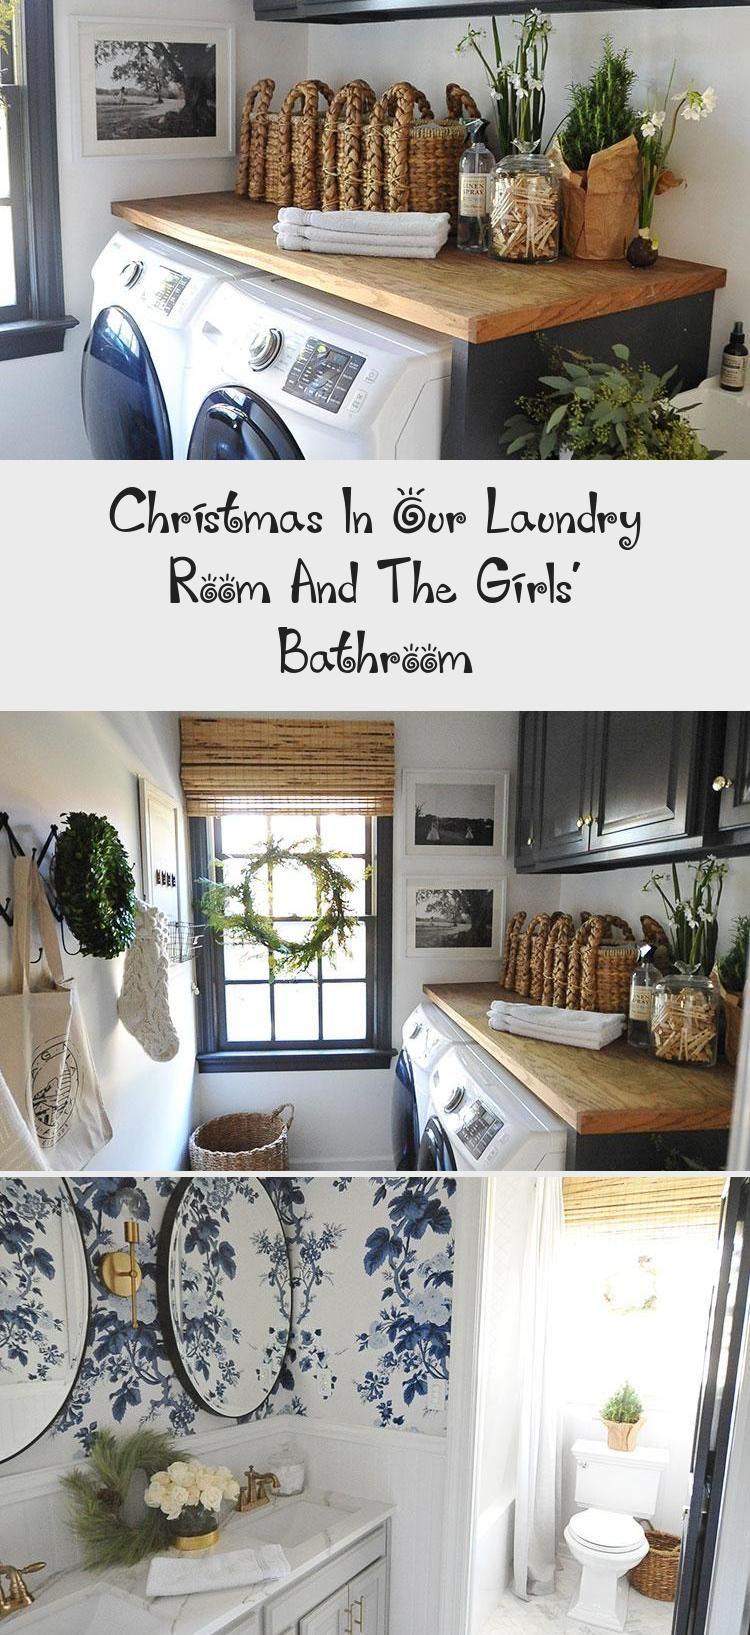 Our Christmas Laundry And Girls Bathroom Dear Lillie Studio Laundryroomart Modernlaundryroom Laundryroom In 2020 Girls Bathroom Vintage Laundry Room Laundry Room